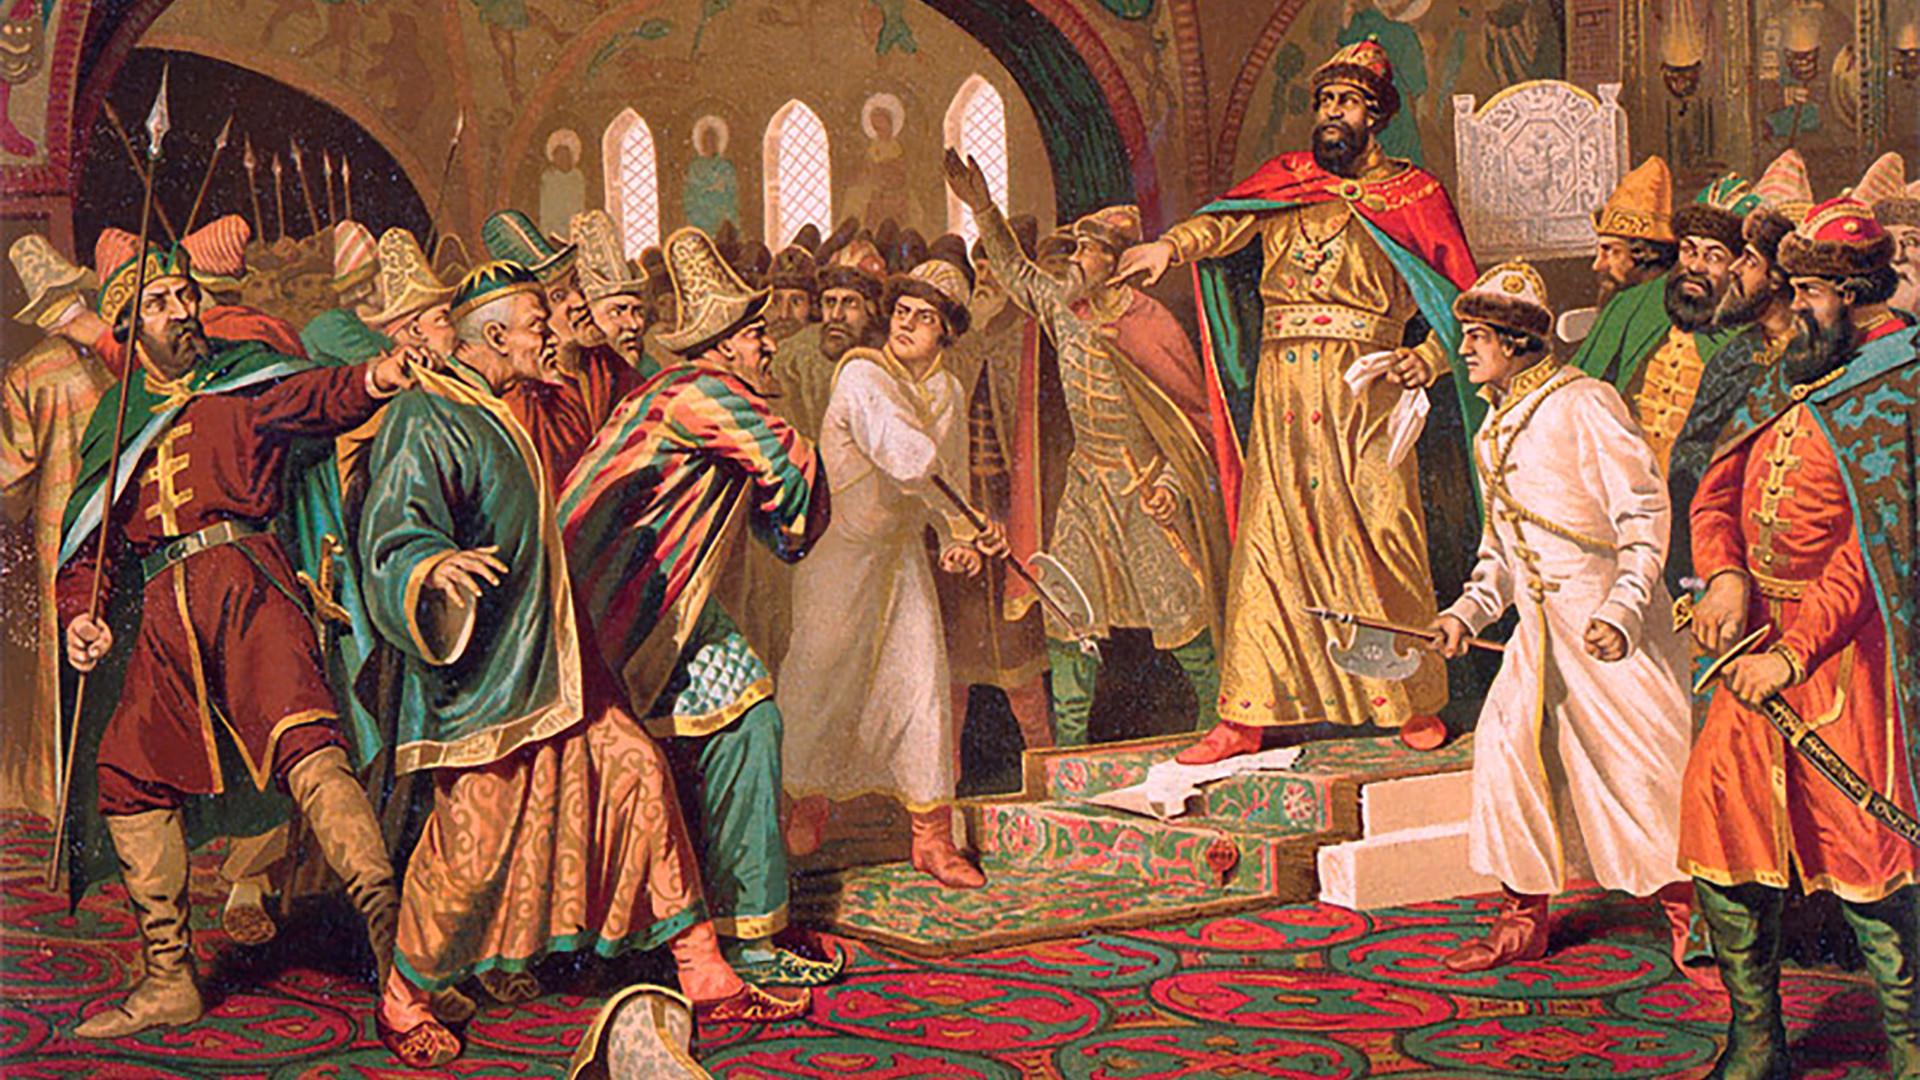 Иван Трети го кине писмото на ханот. Според легендата, Иван Трети го искинал писмото на Ахмат во кое тој побарал да се плати данокот.